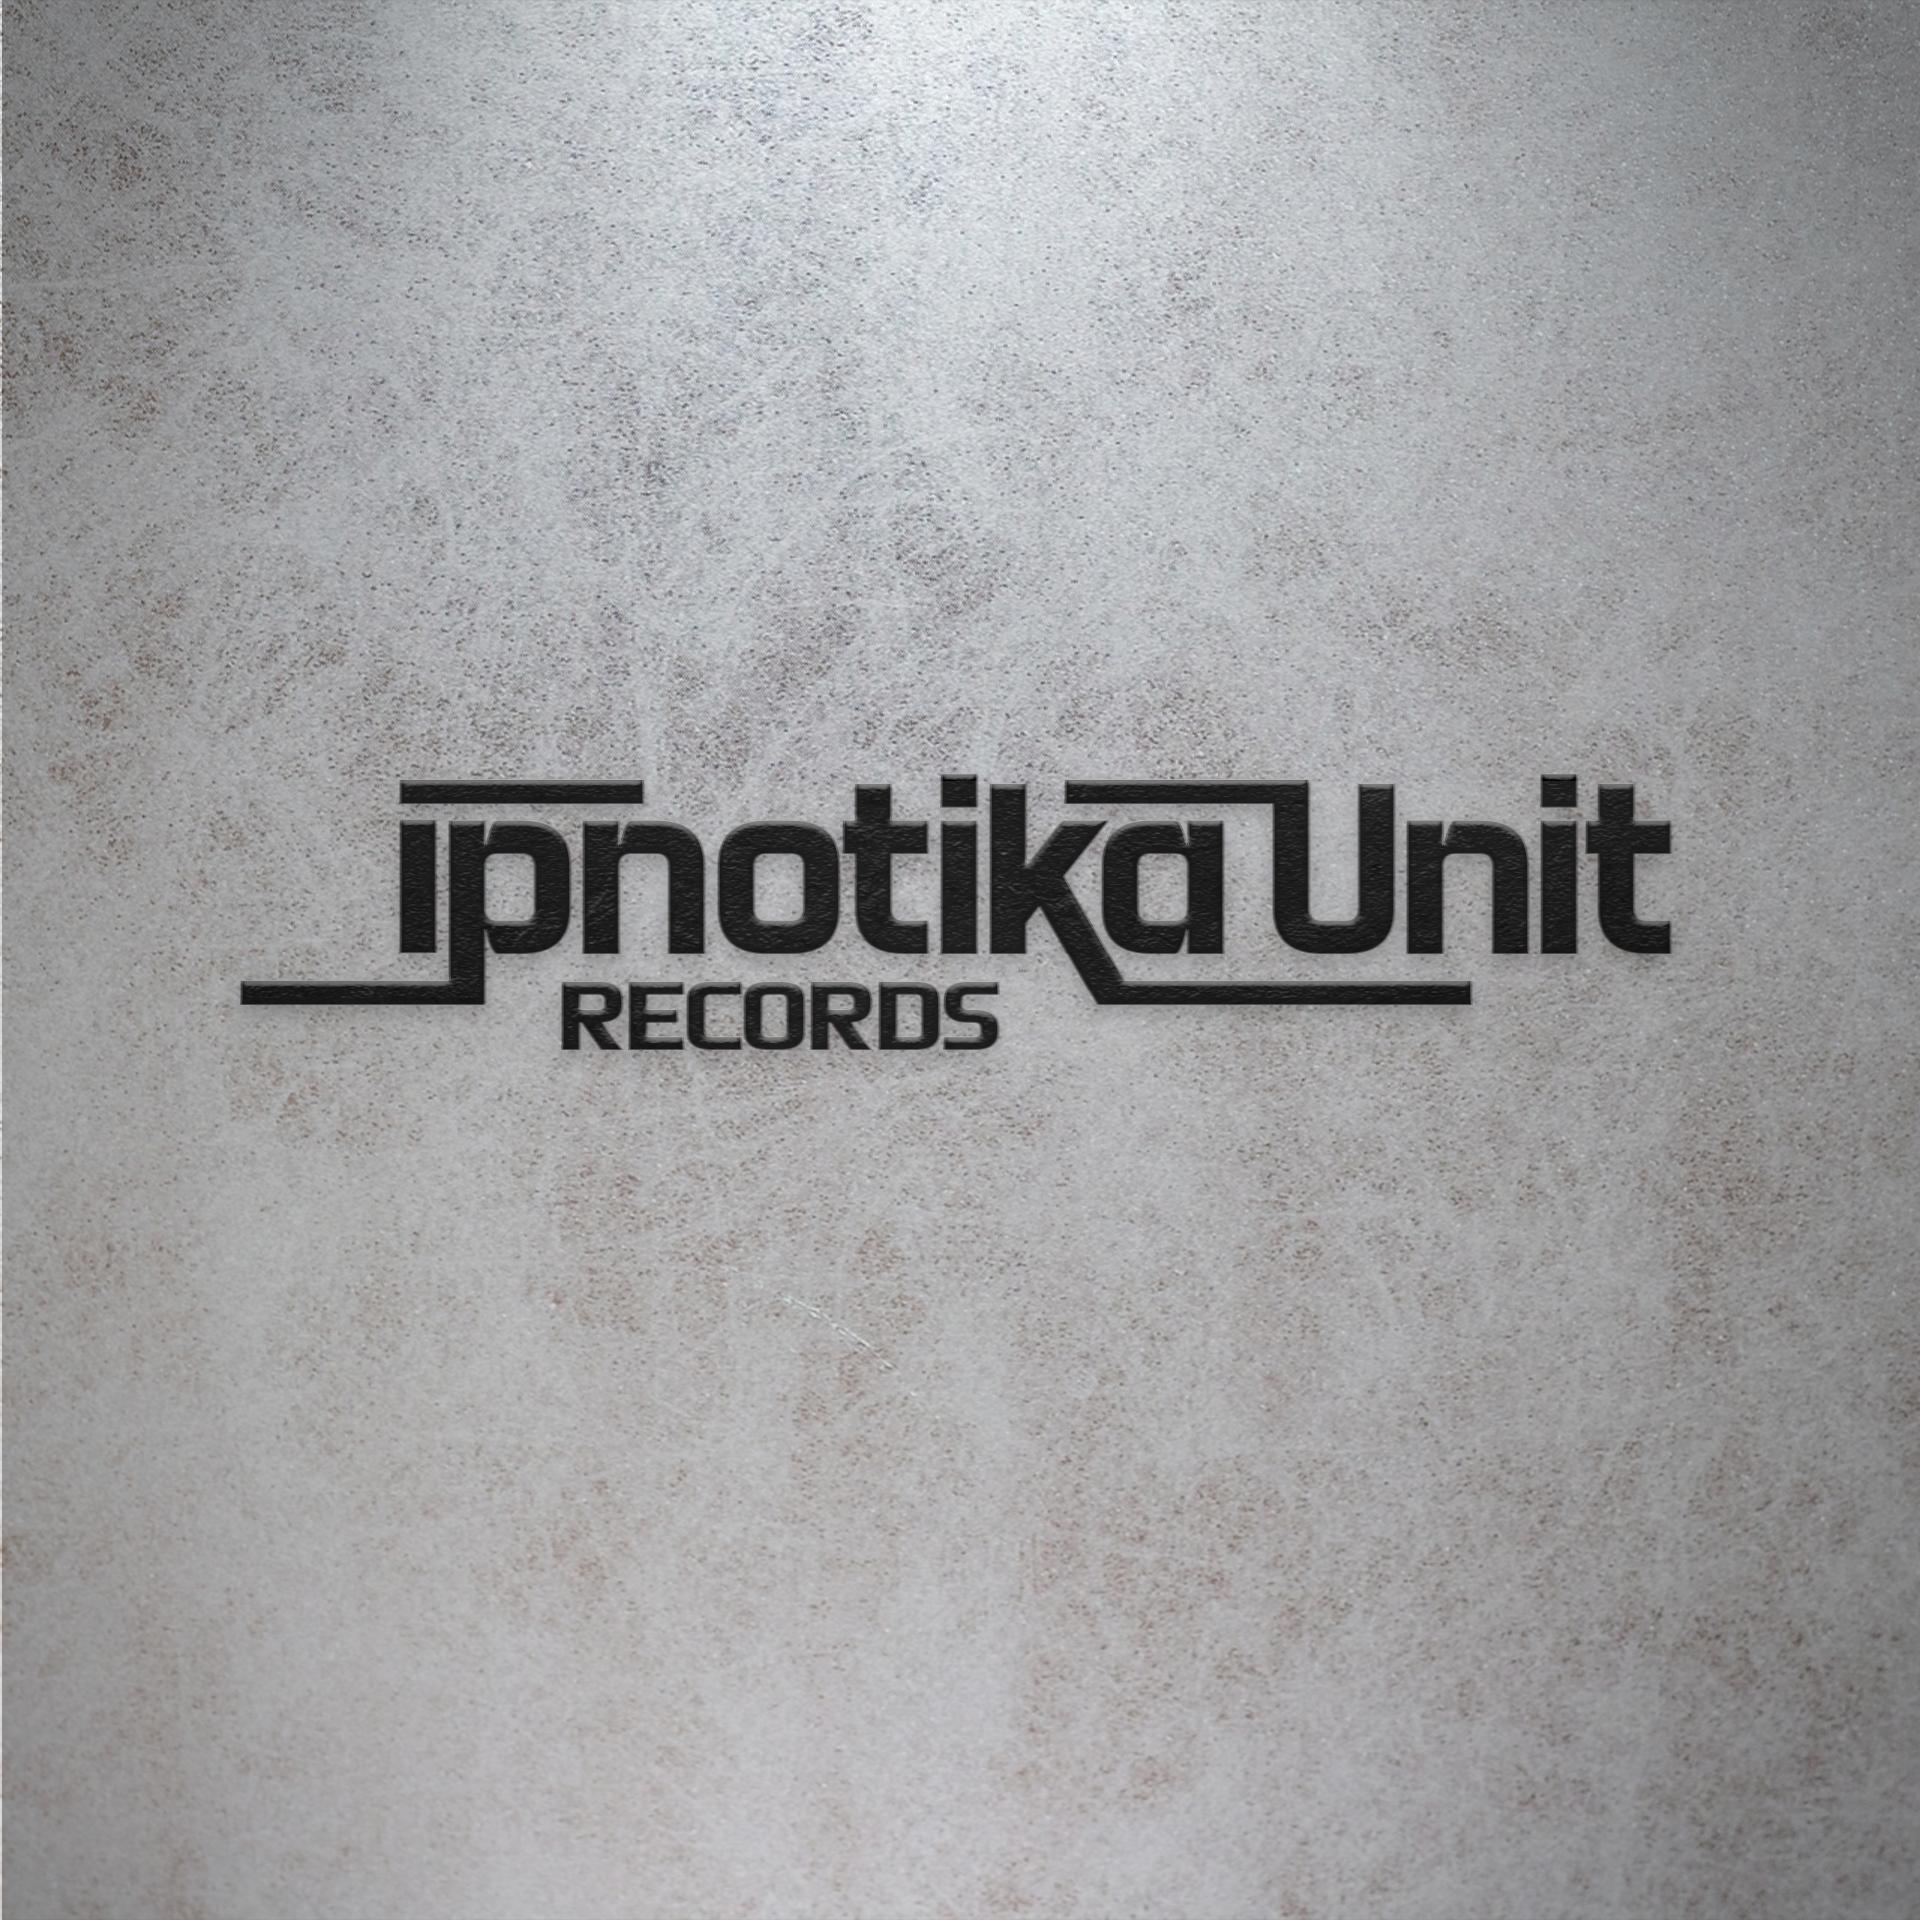 Ipnotika Unit Website Logo